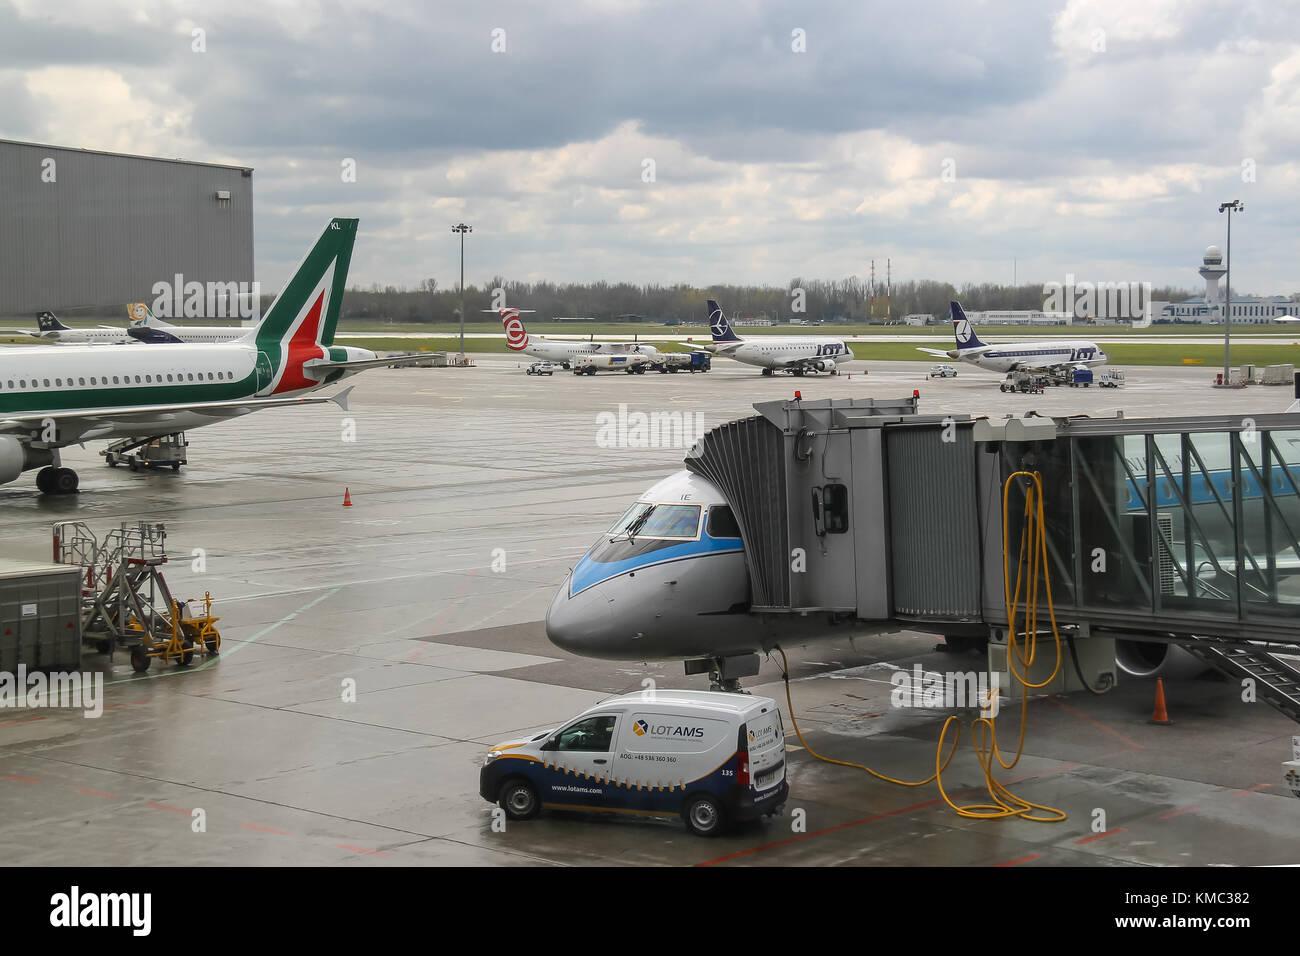 Aeroporto Waw : Warsaw poland apr 18 2015: preflight service of the planes in